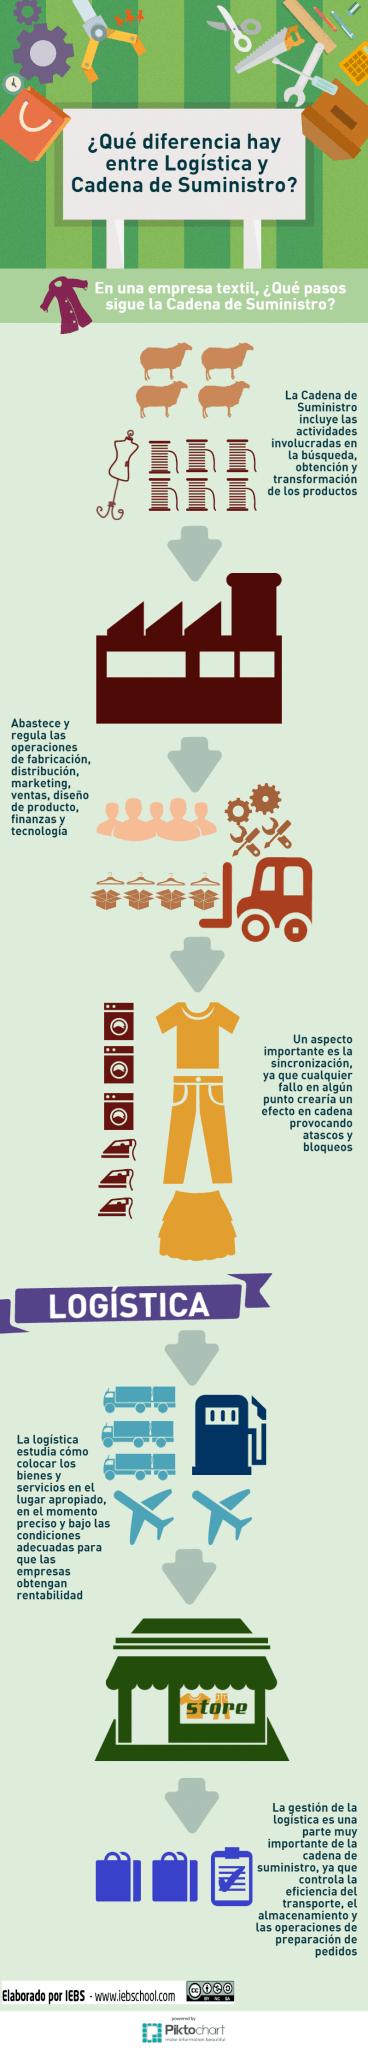 Logística y Cadena de Suministro: Principales diferencias [Infografía]